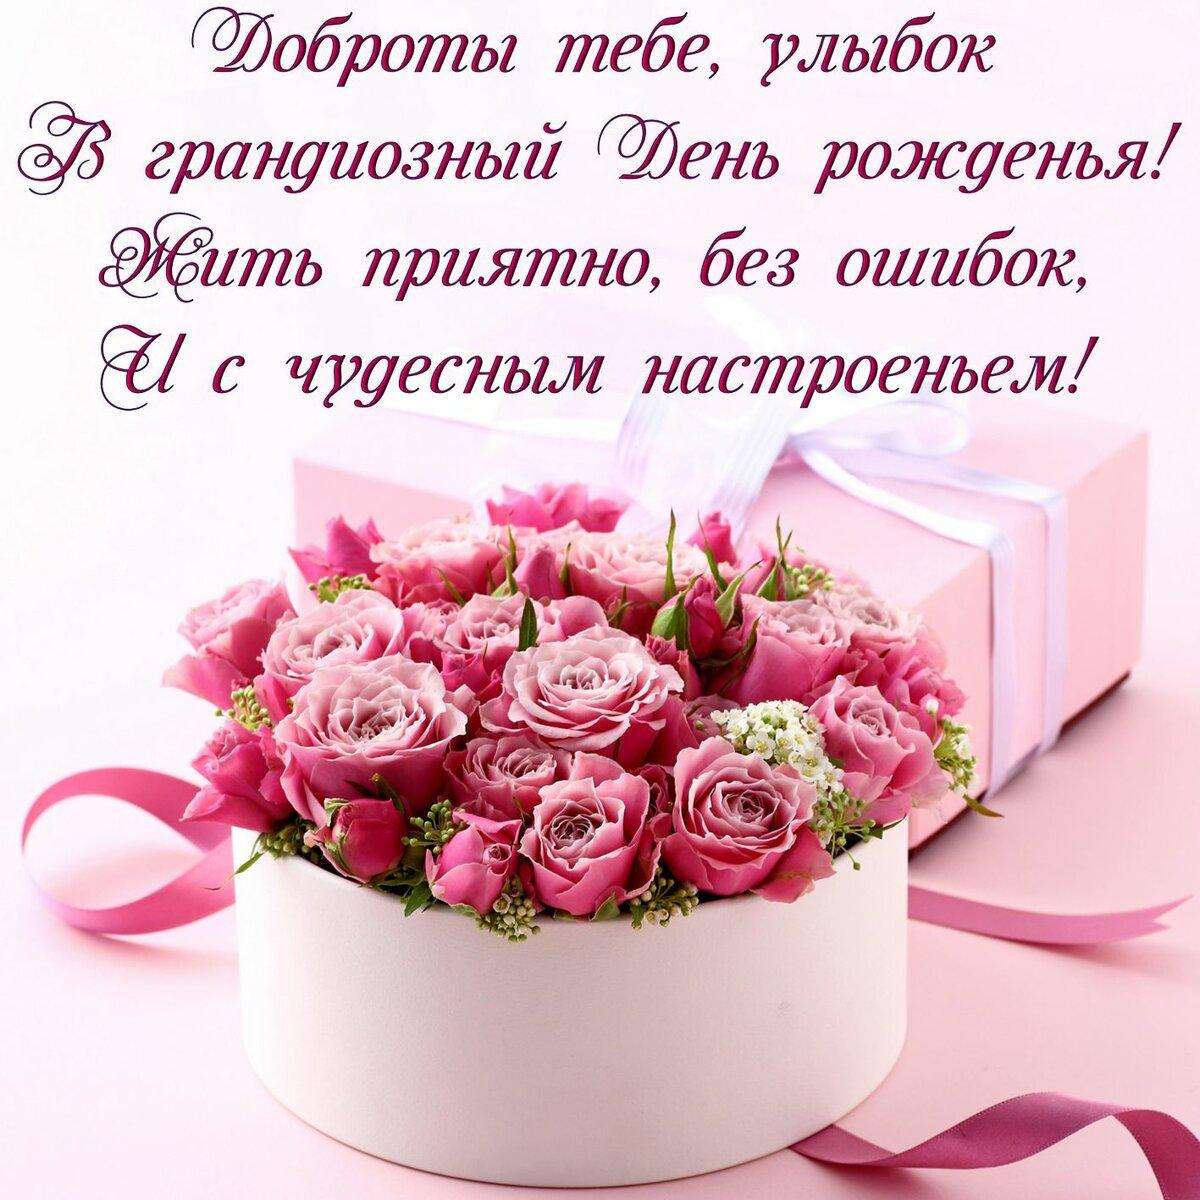 Поздравления с днем рождения женщине 61 в прозе